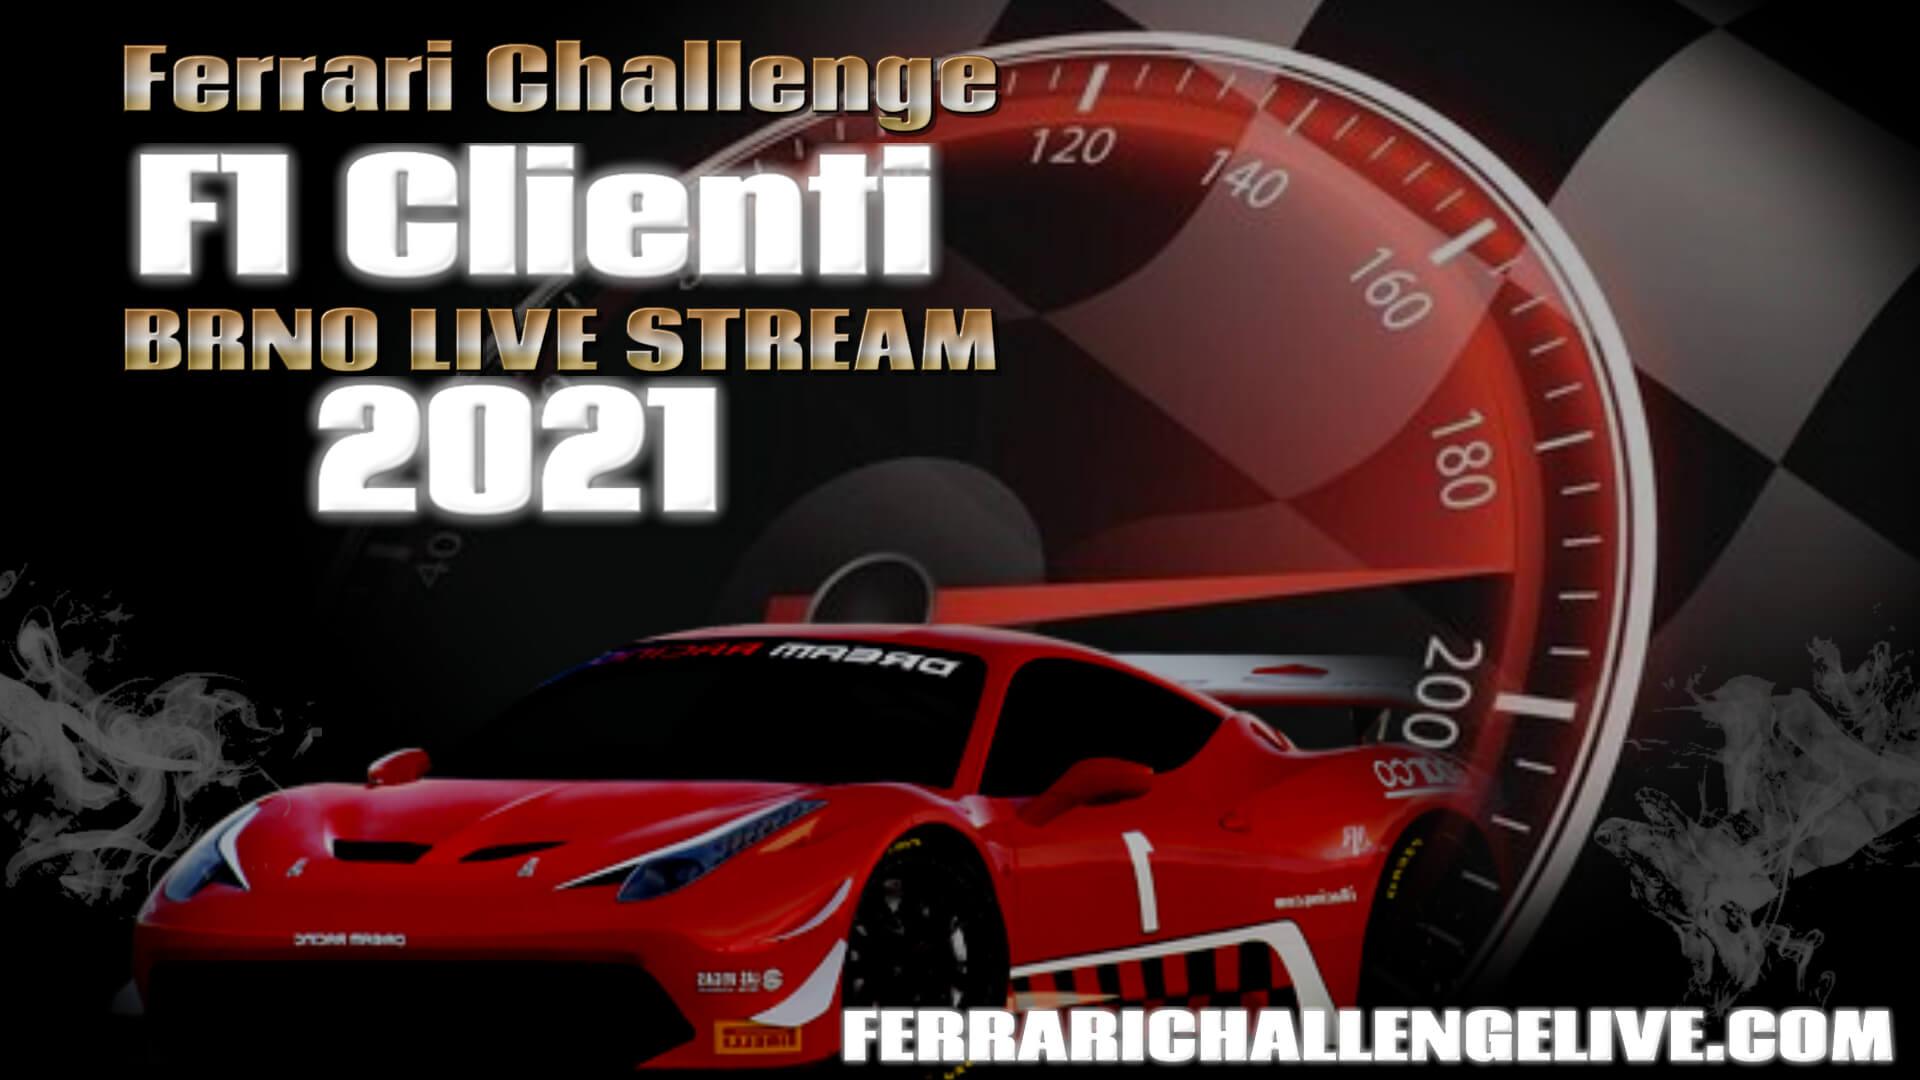 Brno Live Stream 2021   Ferrari Challenge F1 Clienti